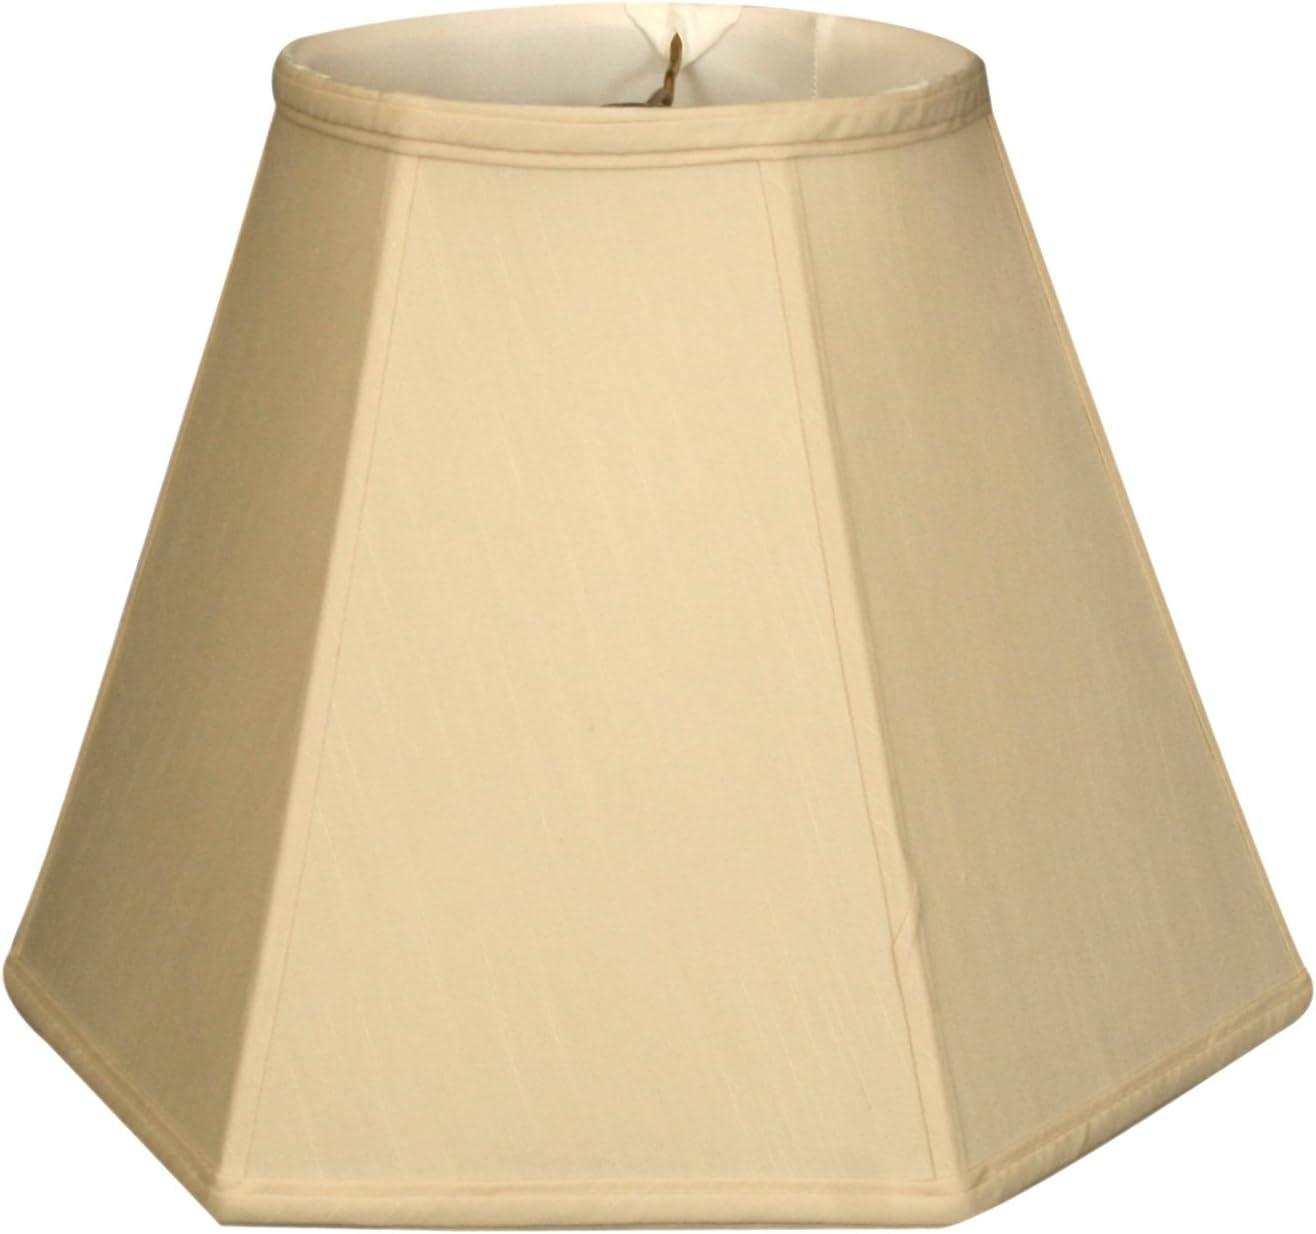 Royal Designs BS-733-18BG Hexagon Basic Lamp Shade, 9 x 18 x 13, Beige